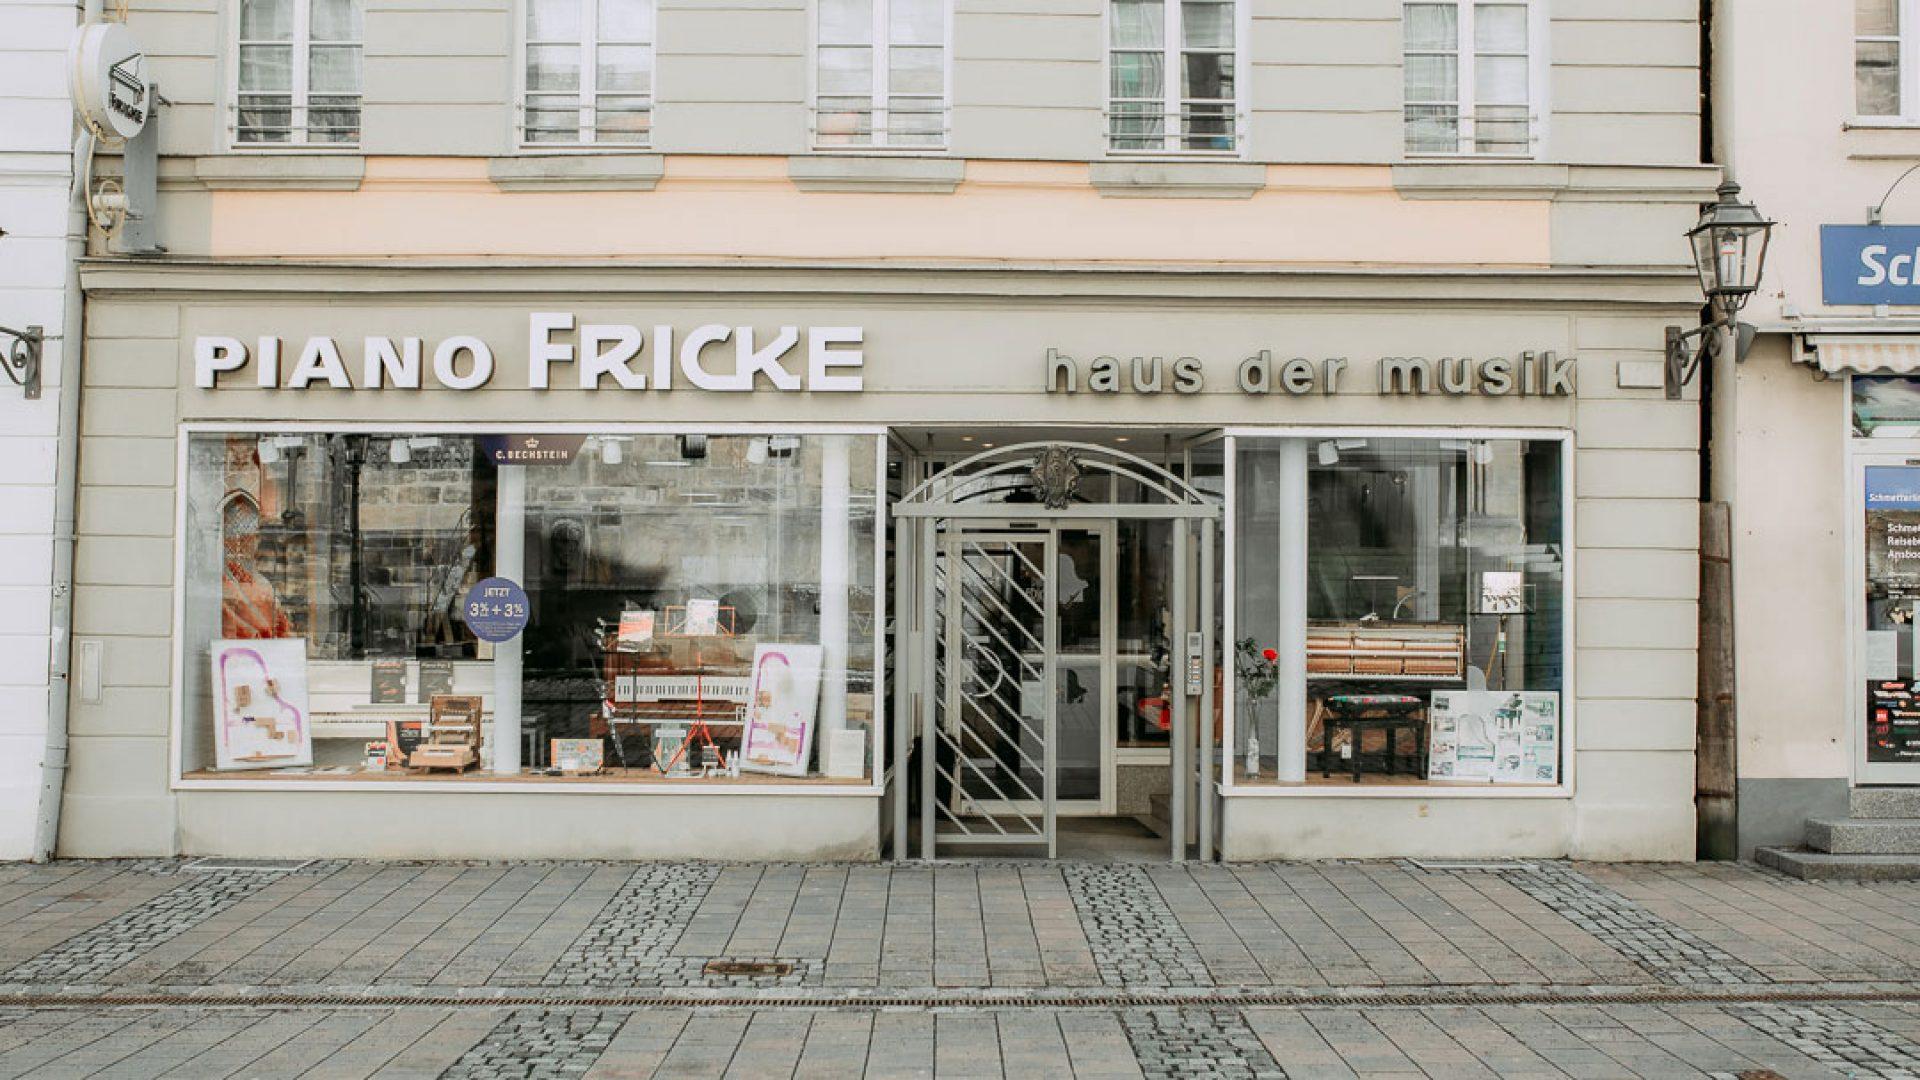 Einkaufen-in-Ansbach-Piano-Fricke